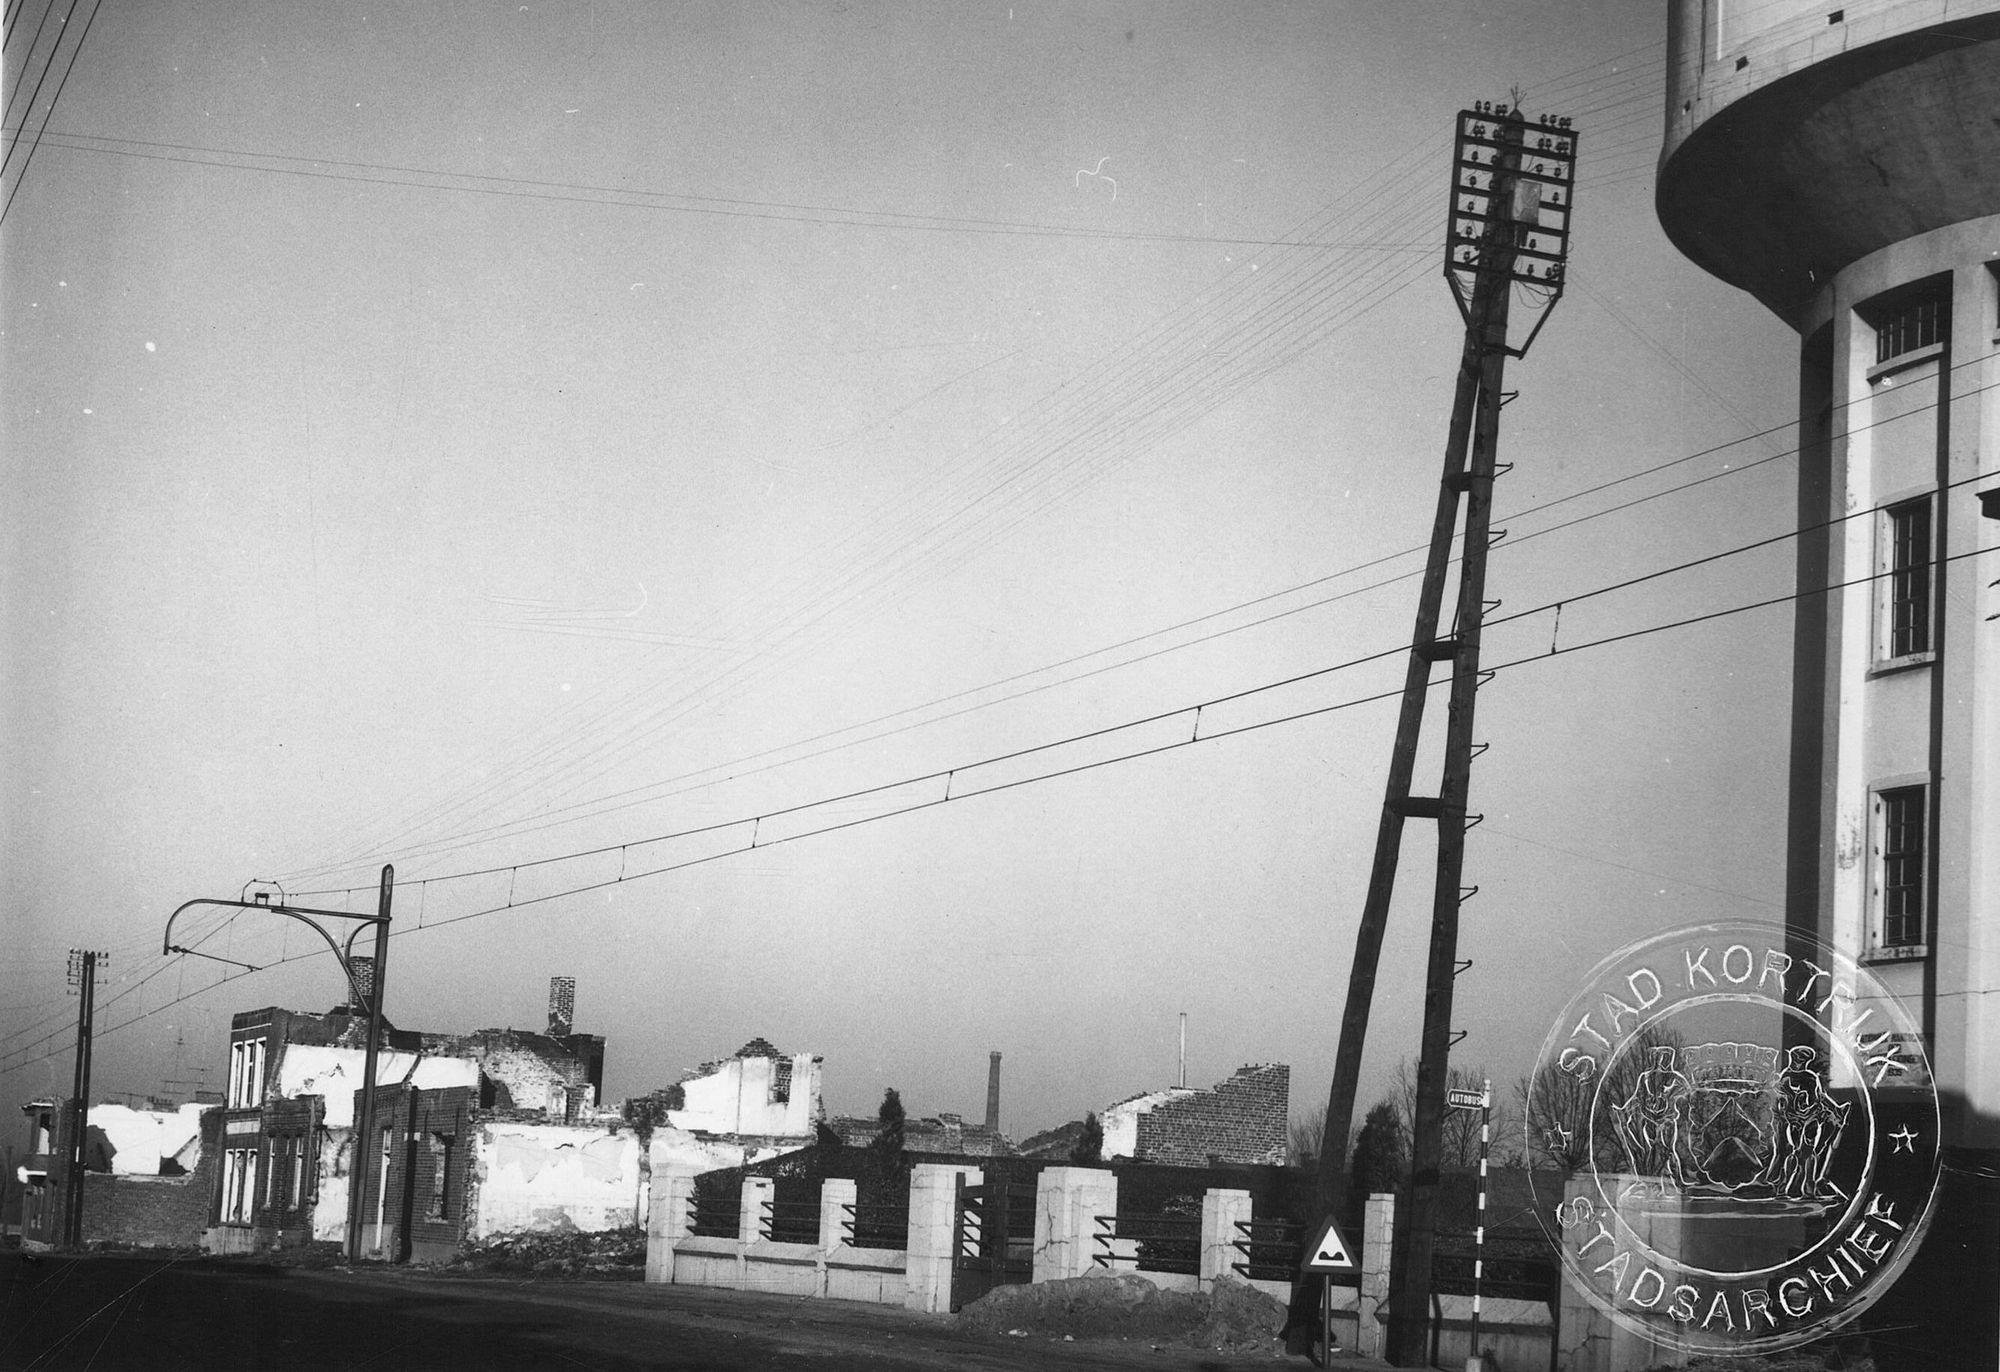 Kortrijk - oorlogsschade 1940